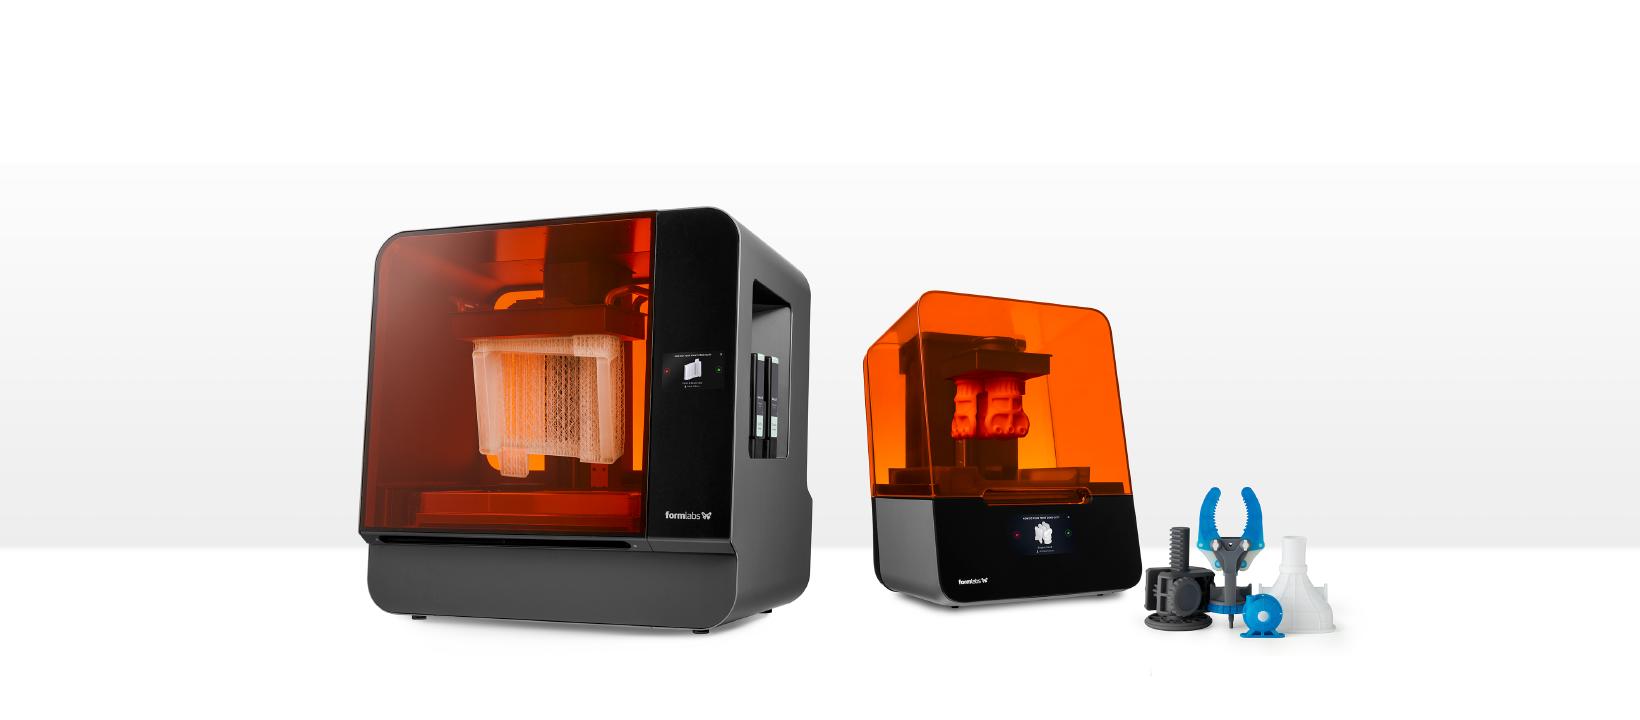 Máy in 3D Formlabs xuất hiện trên thị trường từ rất lâu. Được sự hậu thuẫn từ team R&D (nghiên cứu phát triển) mạnh nhất thế giới. Formlabs phát triển nhanh trên thị trường khốc liệt của máy in 3D và giữ một thị phần đáng nể. Hiện tại ở Việt Nam, Máy in 3D Formlabs đang được sử dụng trong nhiều ngành nghề khác nhau: Máy in 3D mảng nha khoa. Máy in 3D mảng nữ trang, đúc mẫu chảy. Máy in 3D tạo mẫu nhanh. Máy in 3D sản xuất nguyên liệu cứng sử dụng trực tiếp.